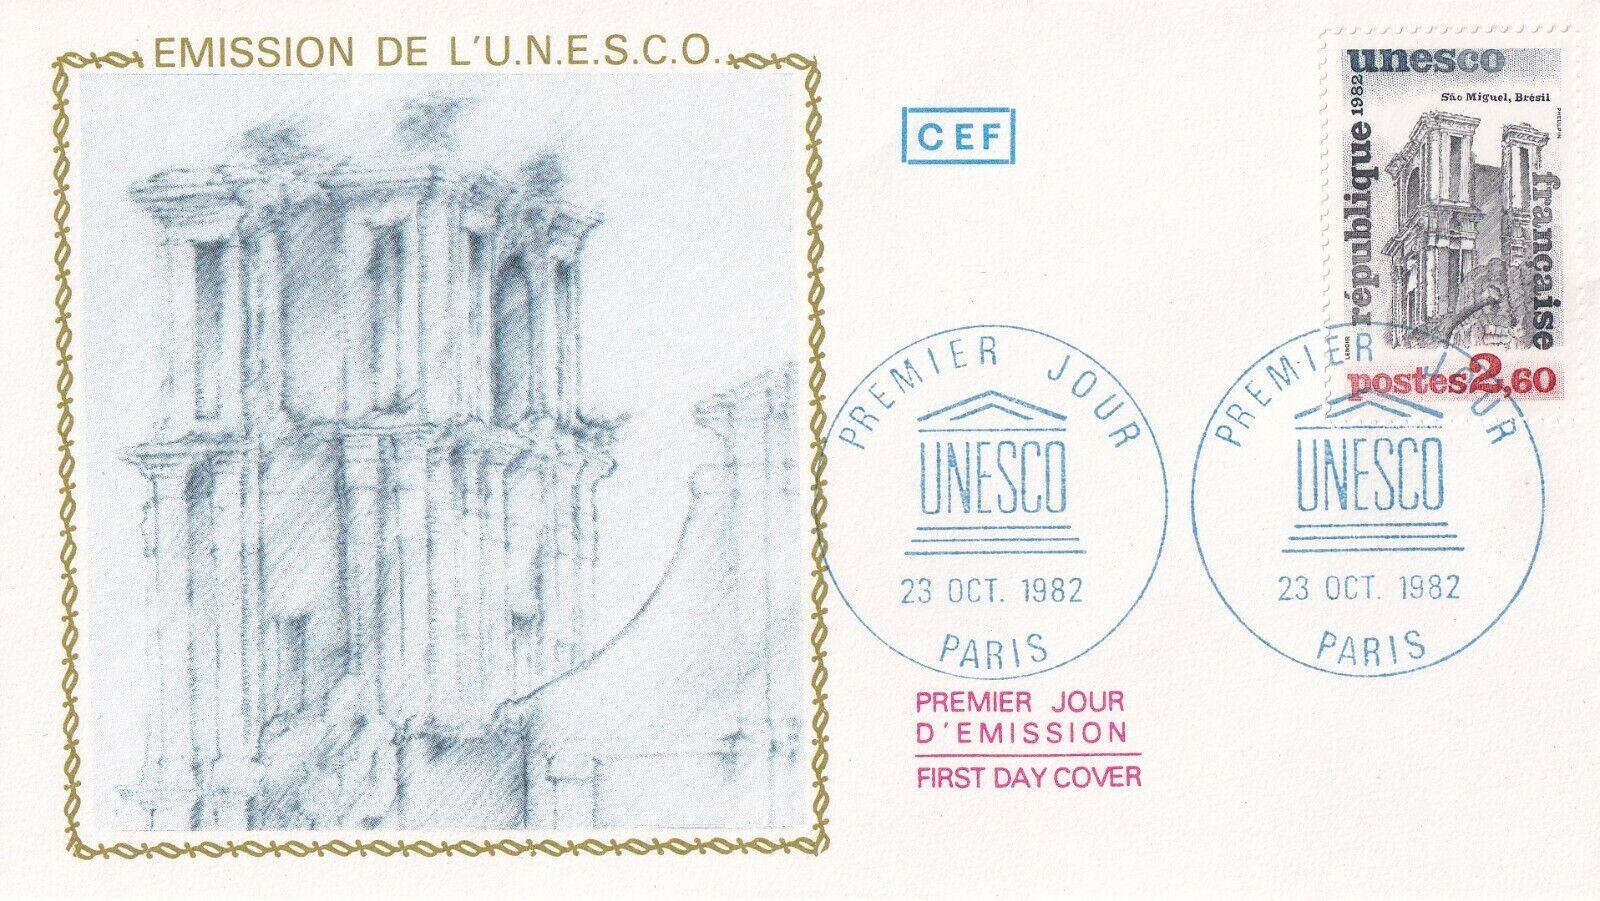 Enveloppe 1er Jour timbre 1982 UNESCO BRESIL BRASIL SAO MIGUEL église 5